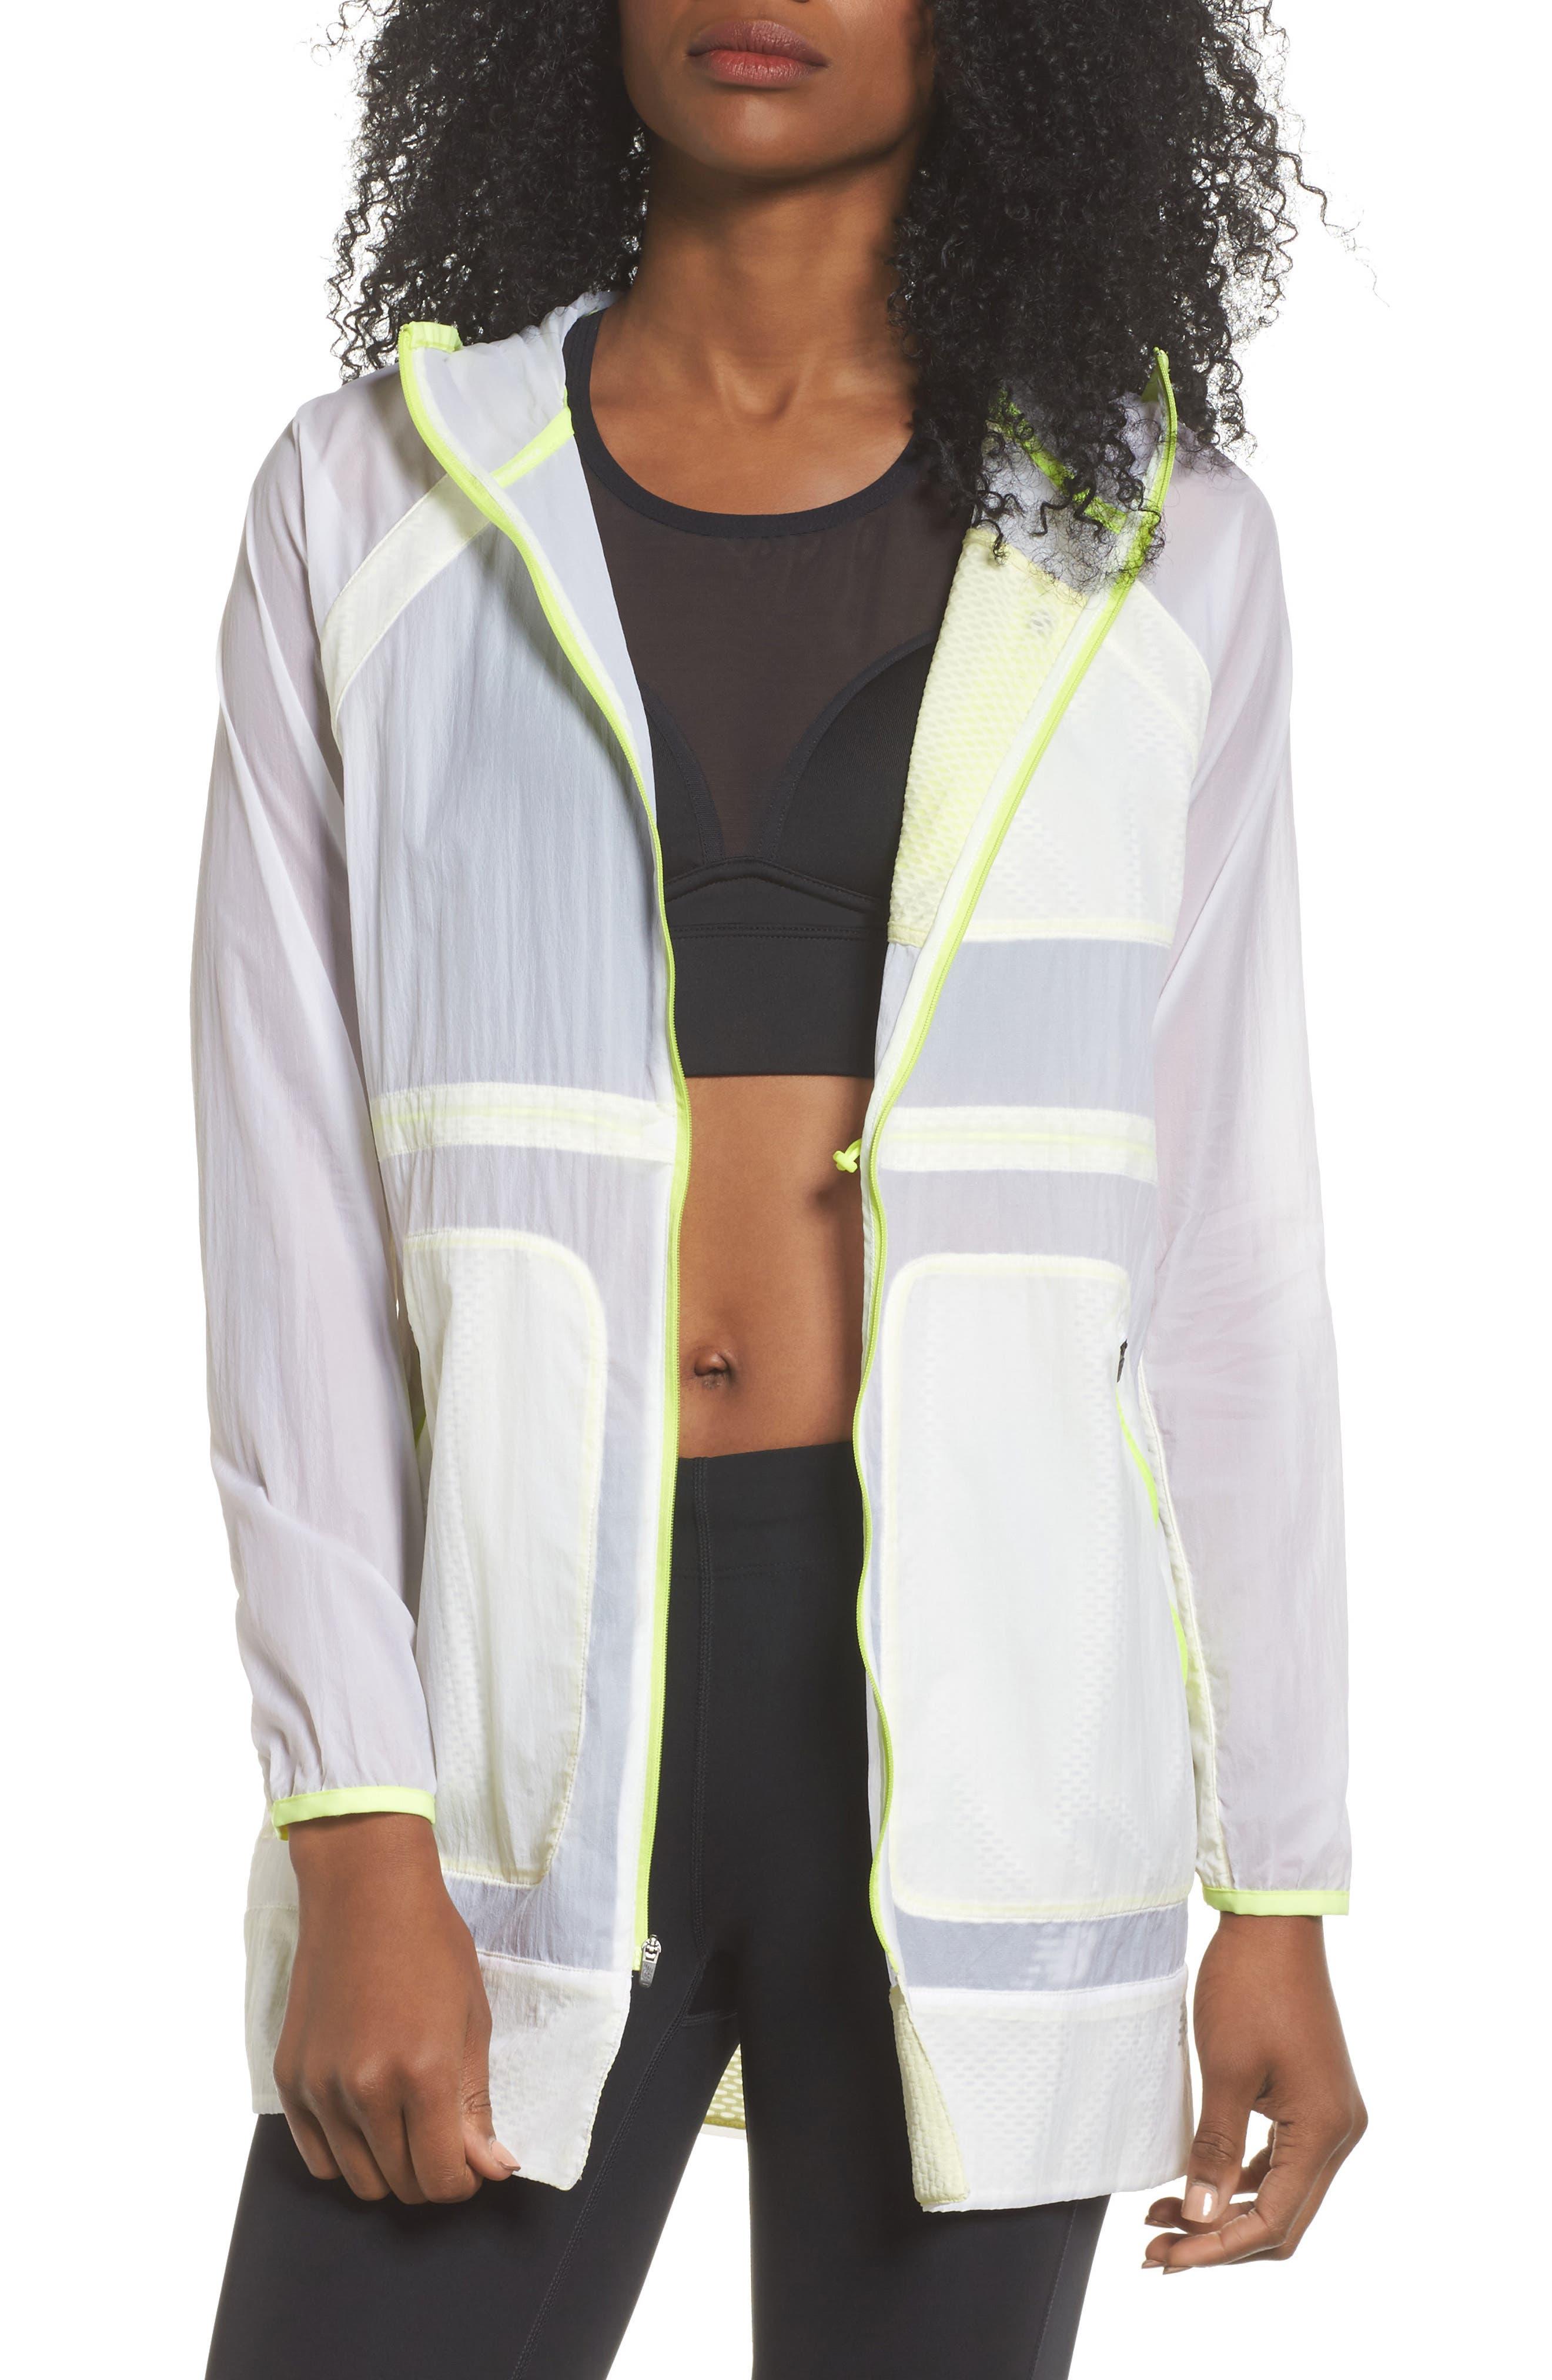 New Balance Determination Jacket